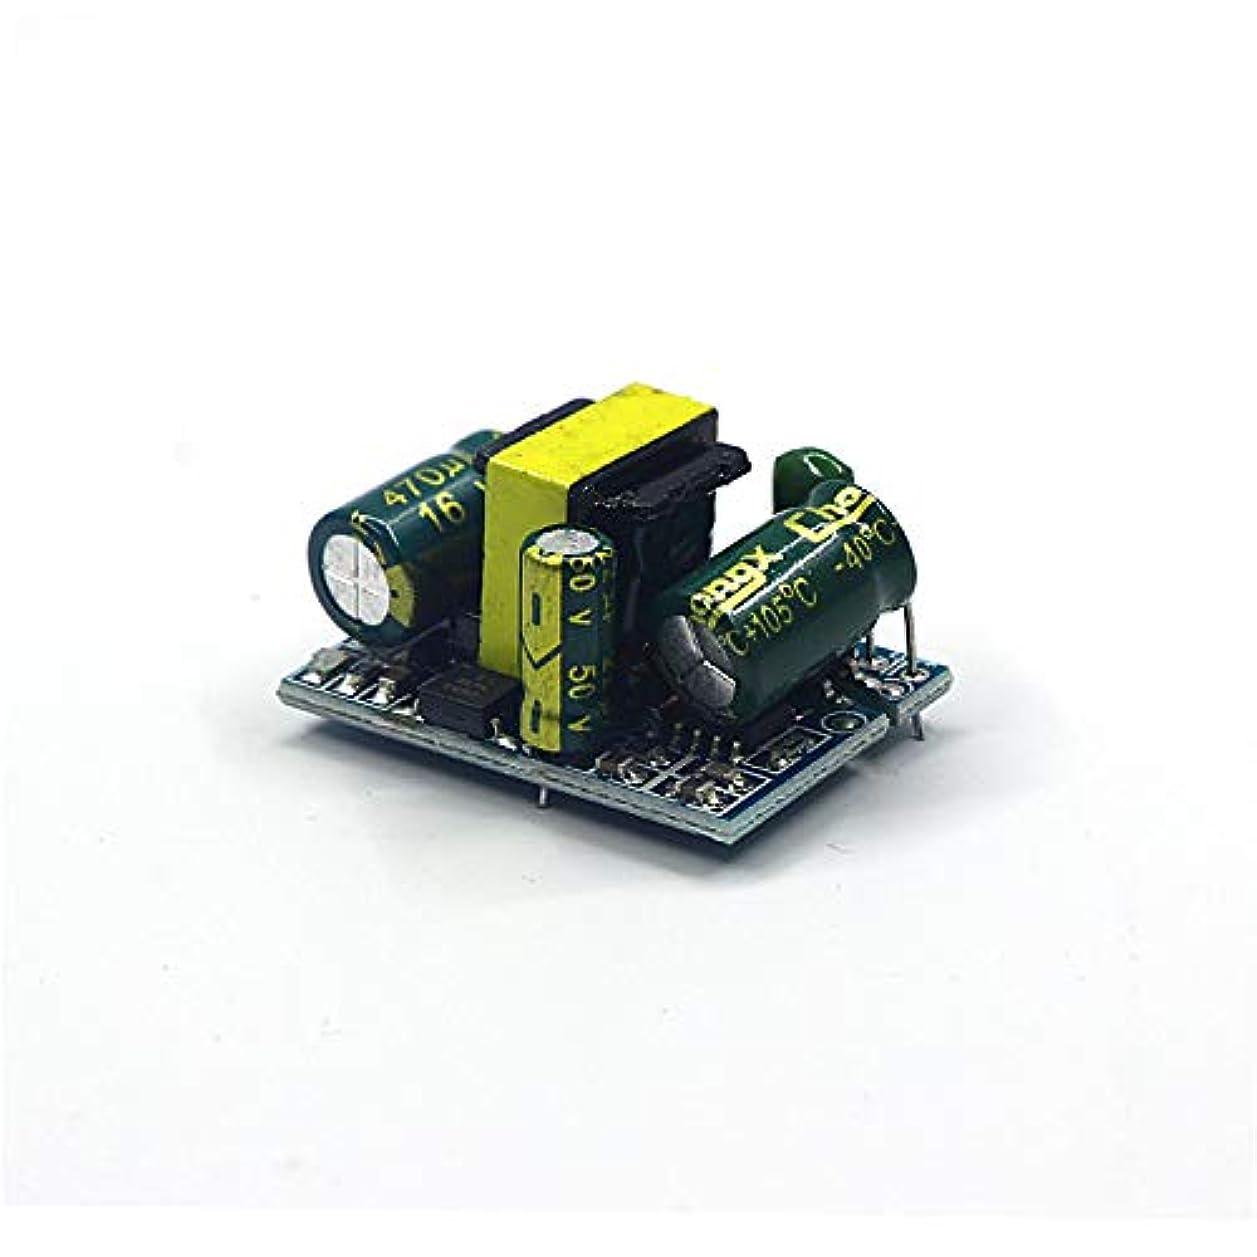 原理早くながらスマートエレクトロニクス12V 450mA 5W AC-DC電源降圧型コンバータ降圧モジュール